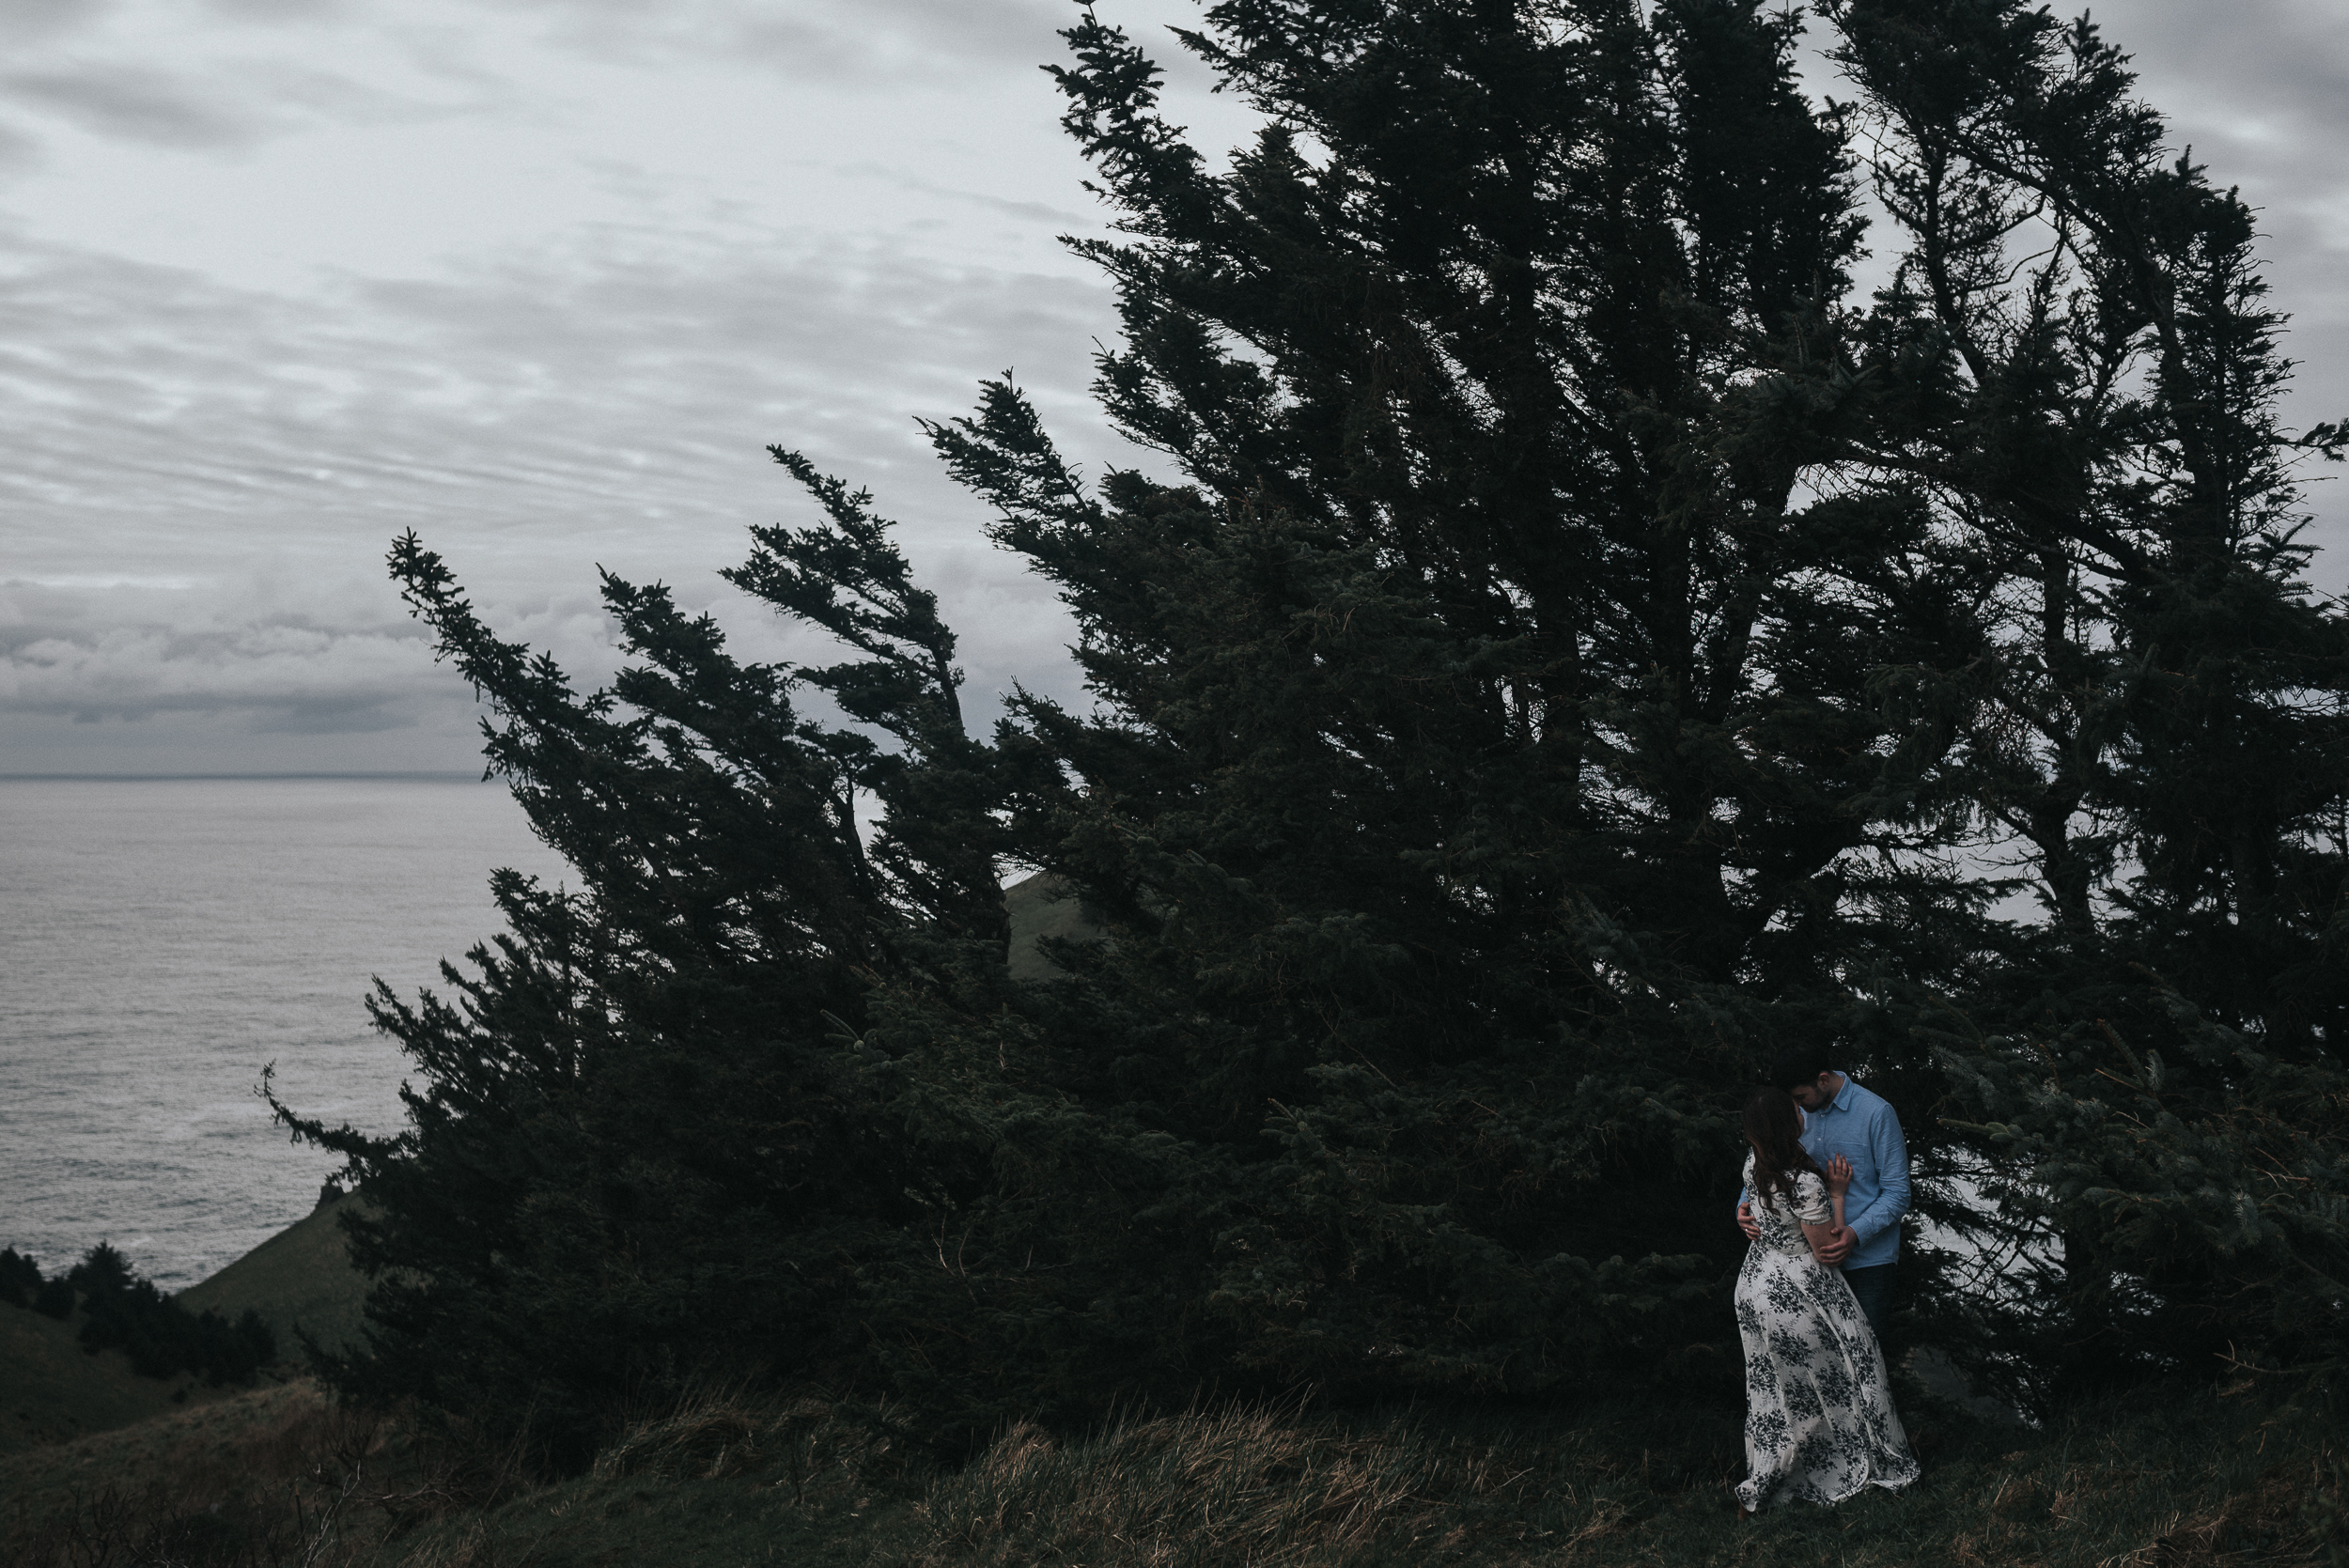 261portlandweddingphotographer.jpg